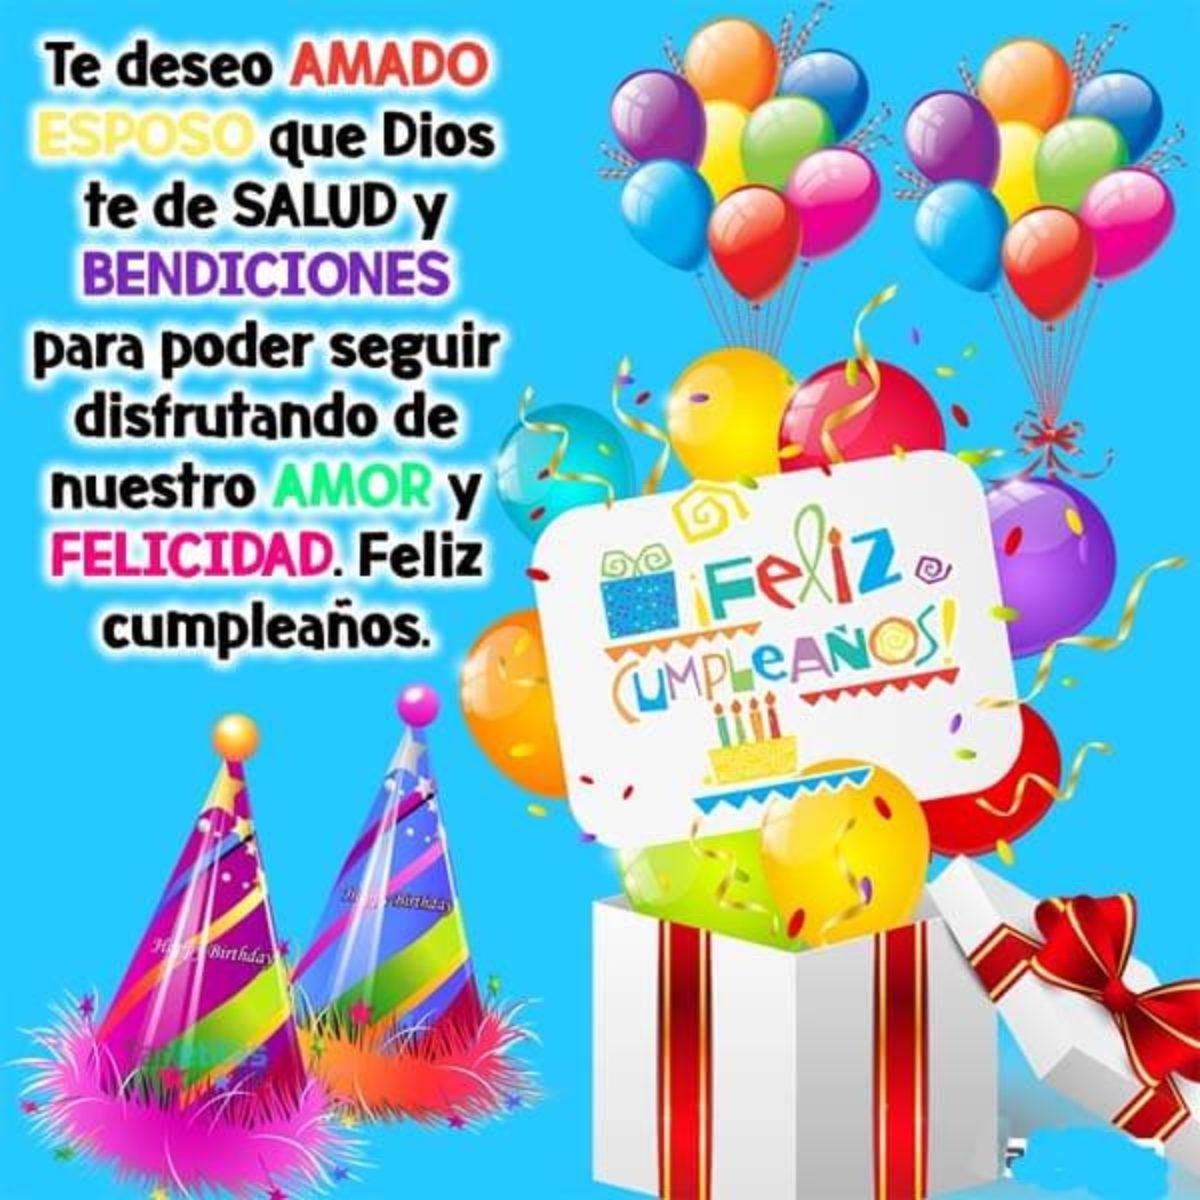 Imágenes Con Frases De Cumpleaños a Mi Esposo Para Felicitar Por Facebook